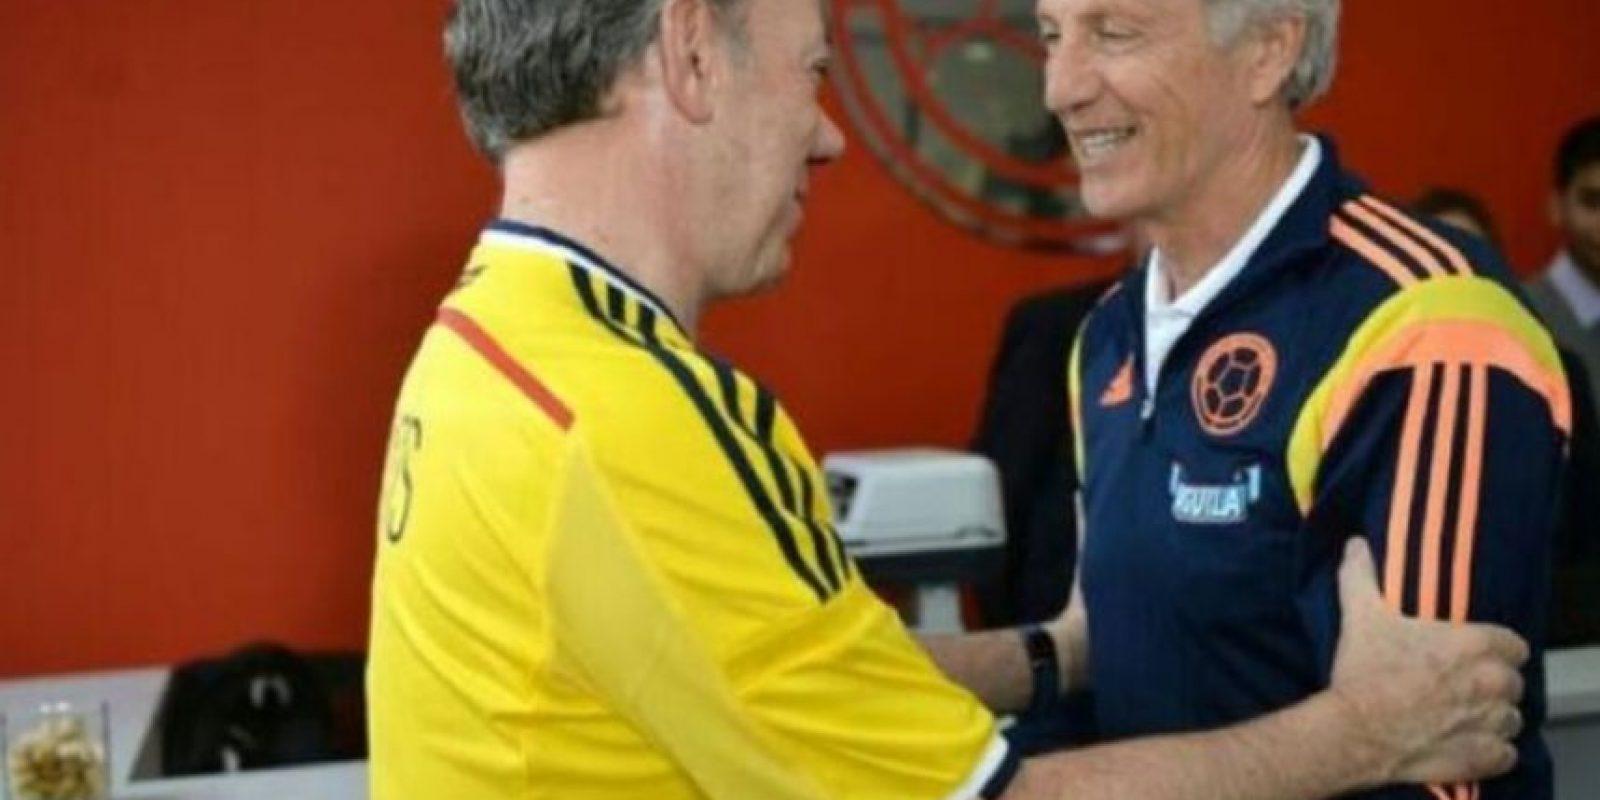 Previo a Brasil 2014, Santos recibió a la Selección nacional y saludó al director técnico José Néstor Pékerman. Foto:twitter.com/JuanManSantos